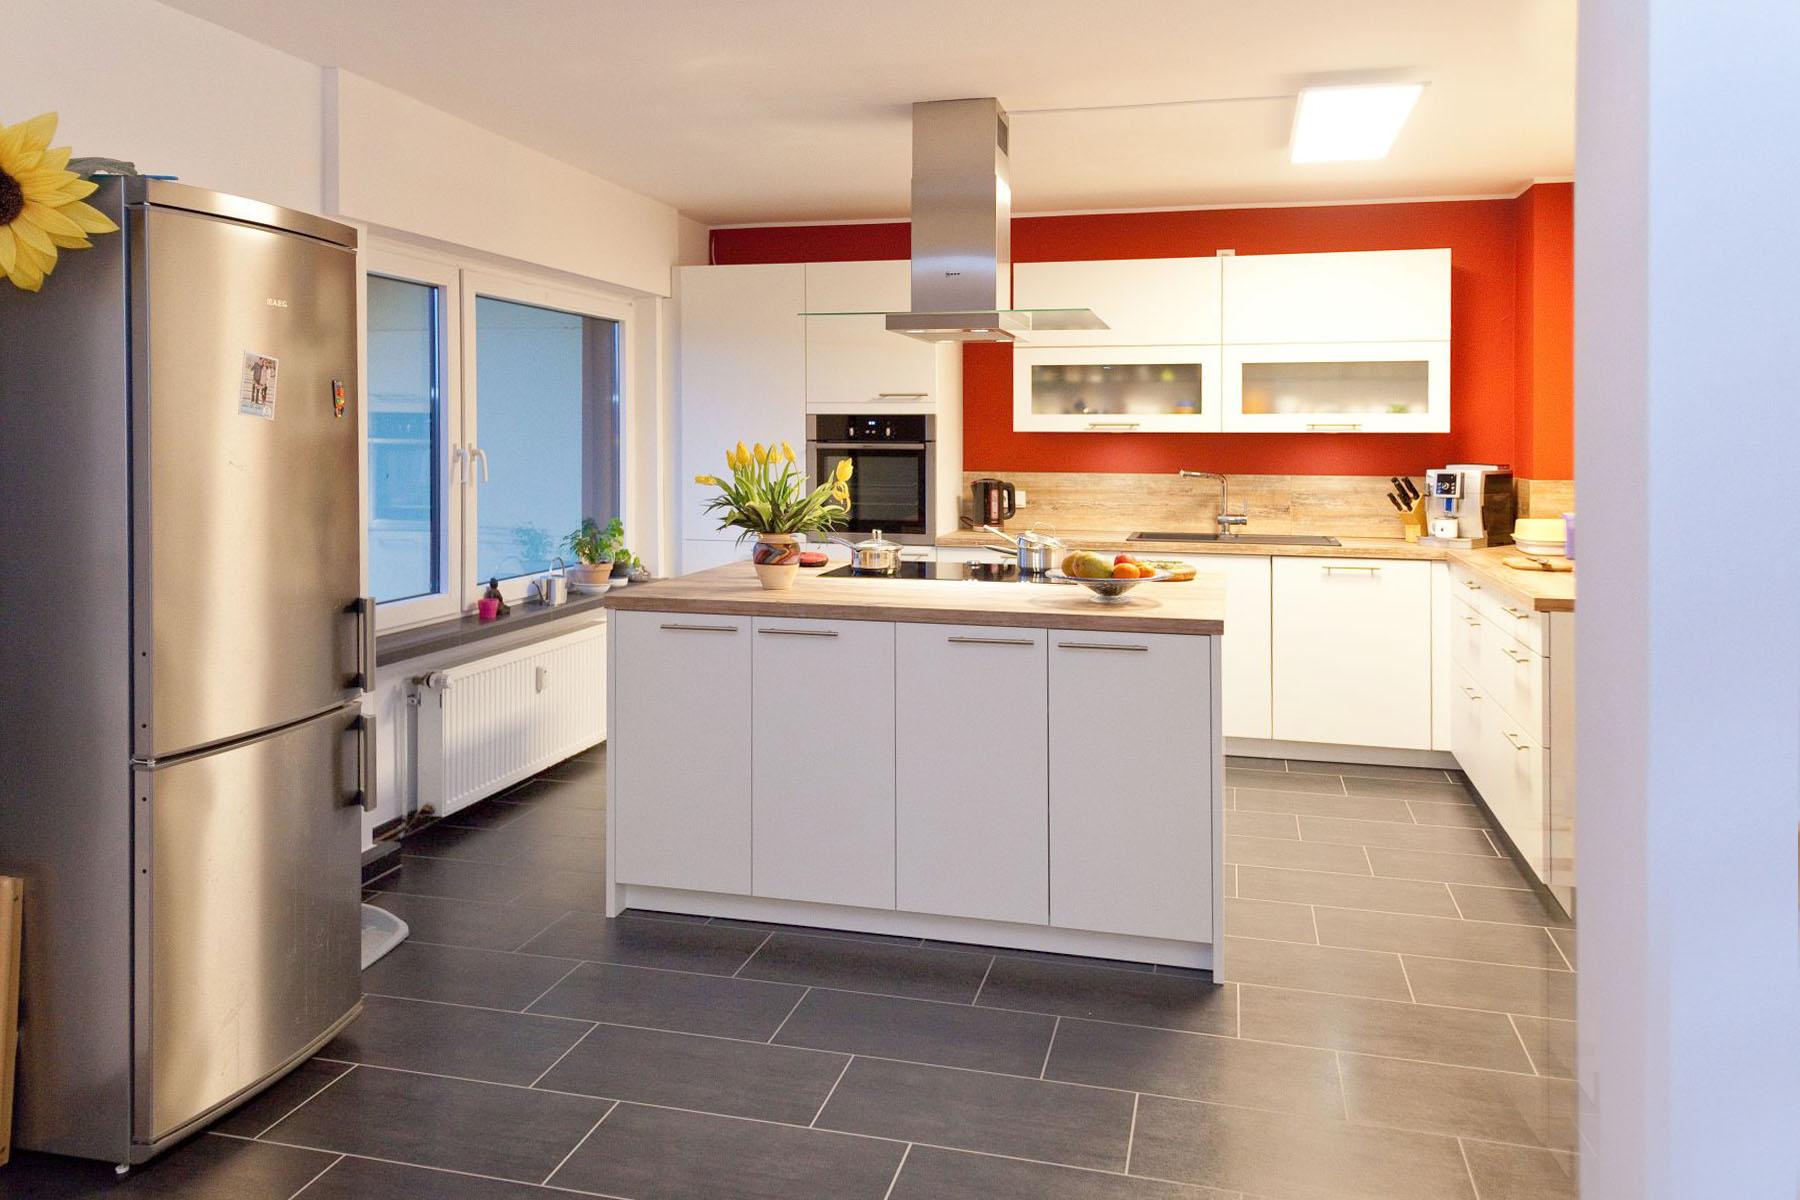 Modulküche Holz Modulkche Ikea Wartet Auf Sie Minikche Kche Kaufen Betten Regale Alu Fenster Aus ...